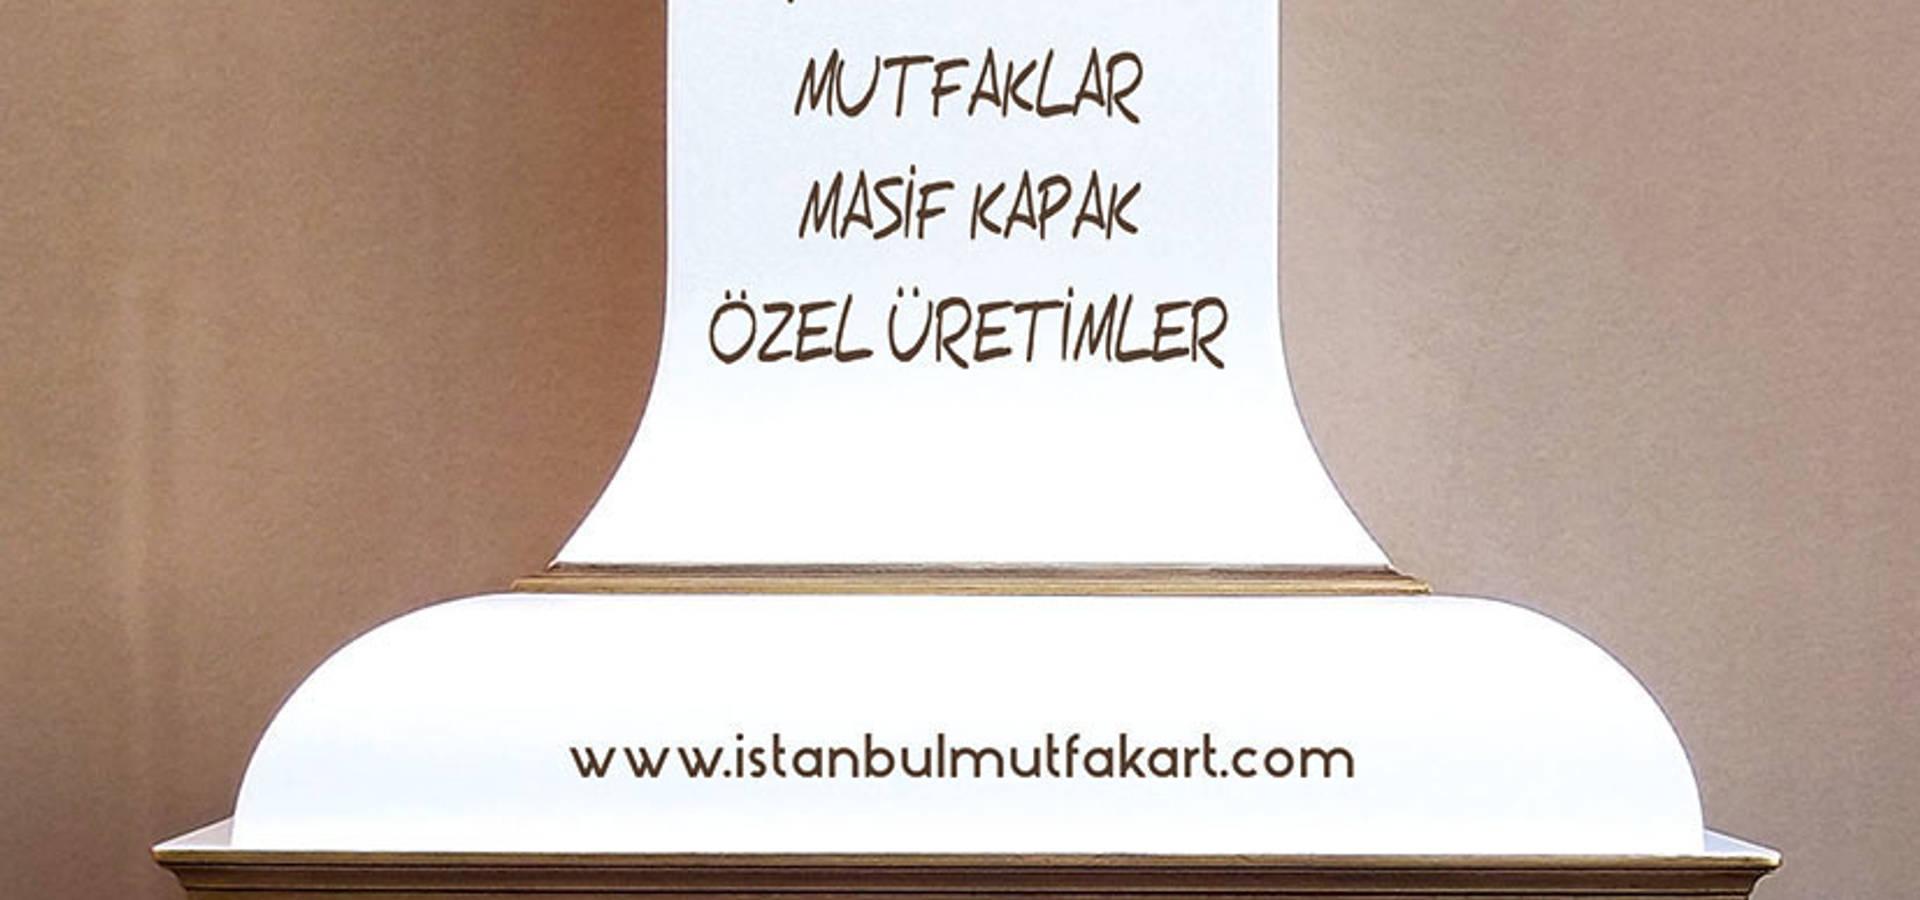 istanbul mutfakart